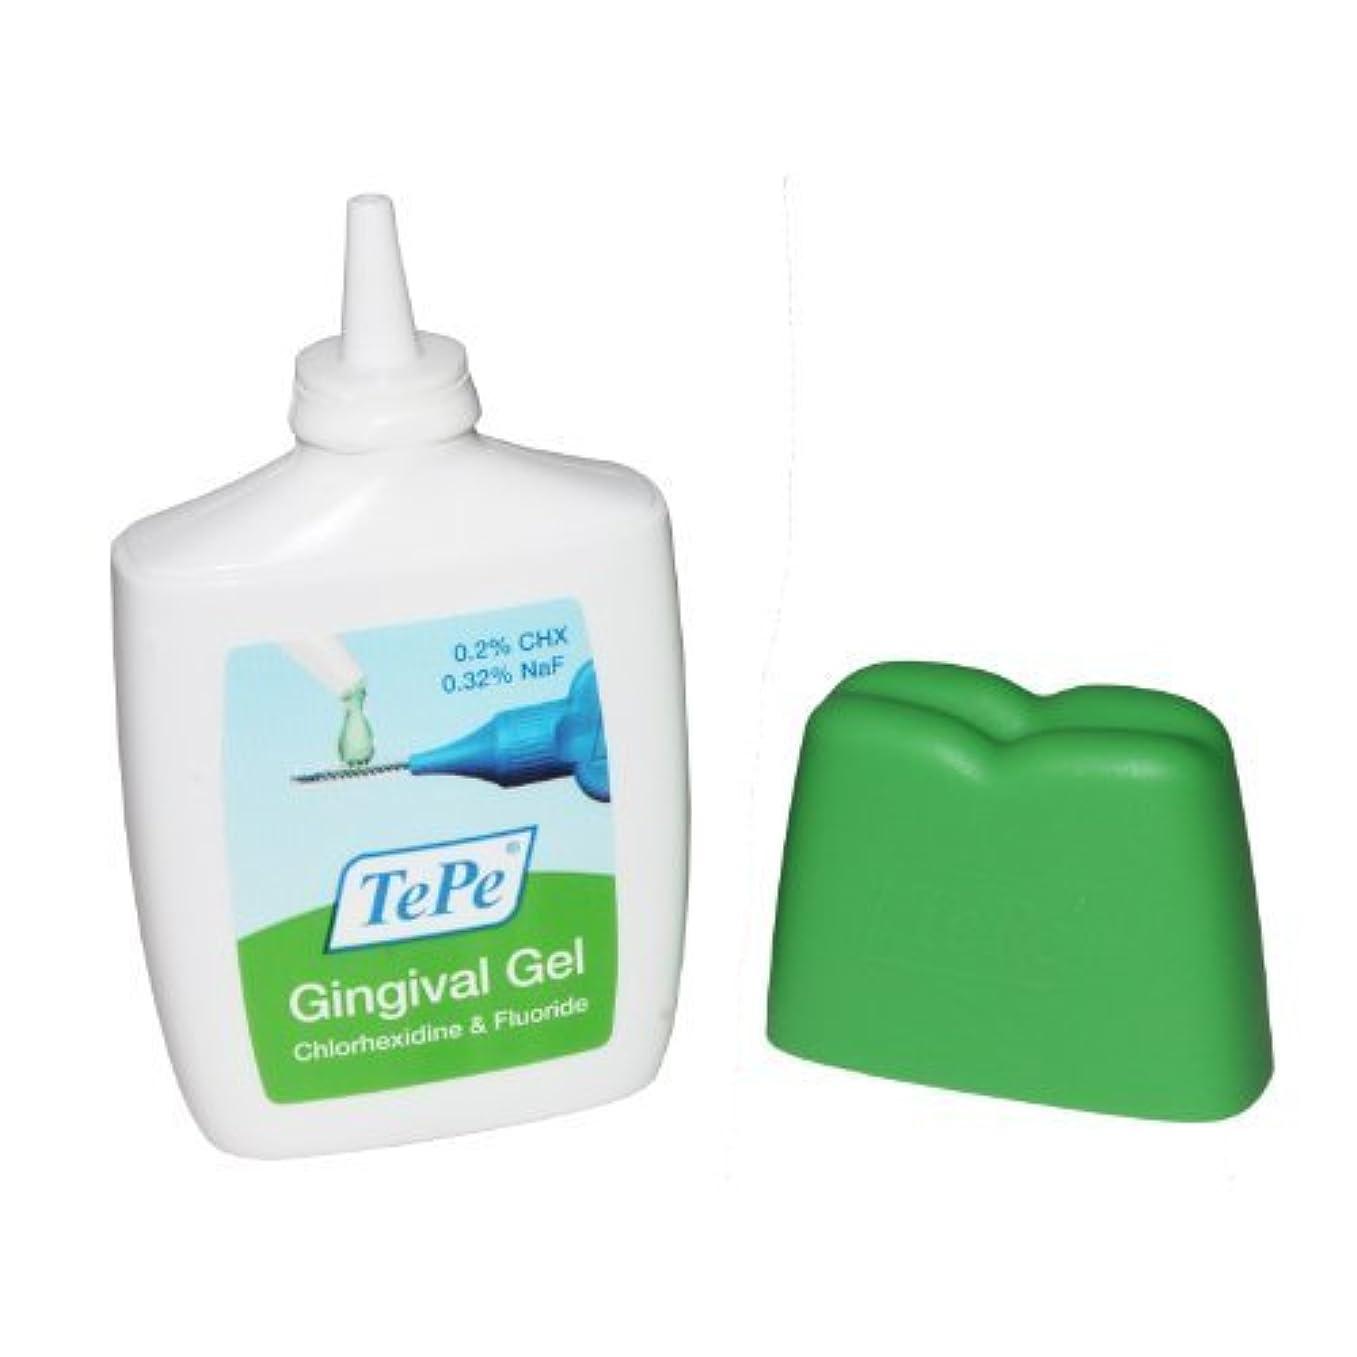 過度のカヌードームTePe Gingival Gel by TePe Mundhygiene Produkte Vertriebs-GmbH [並行輸入品]